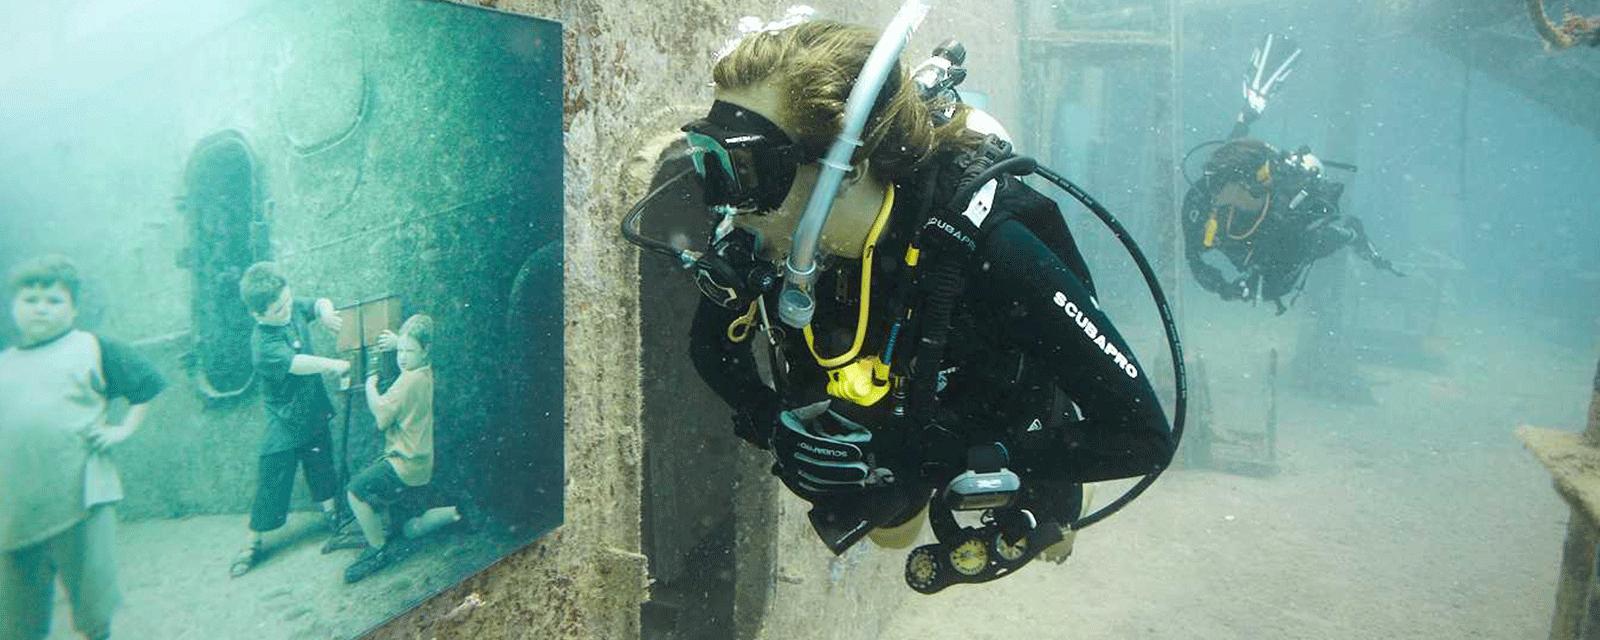 The Vandenberg - Unterwasserausstellung